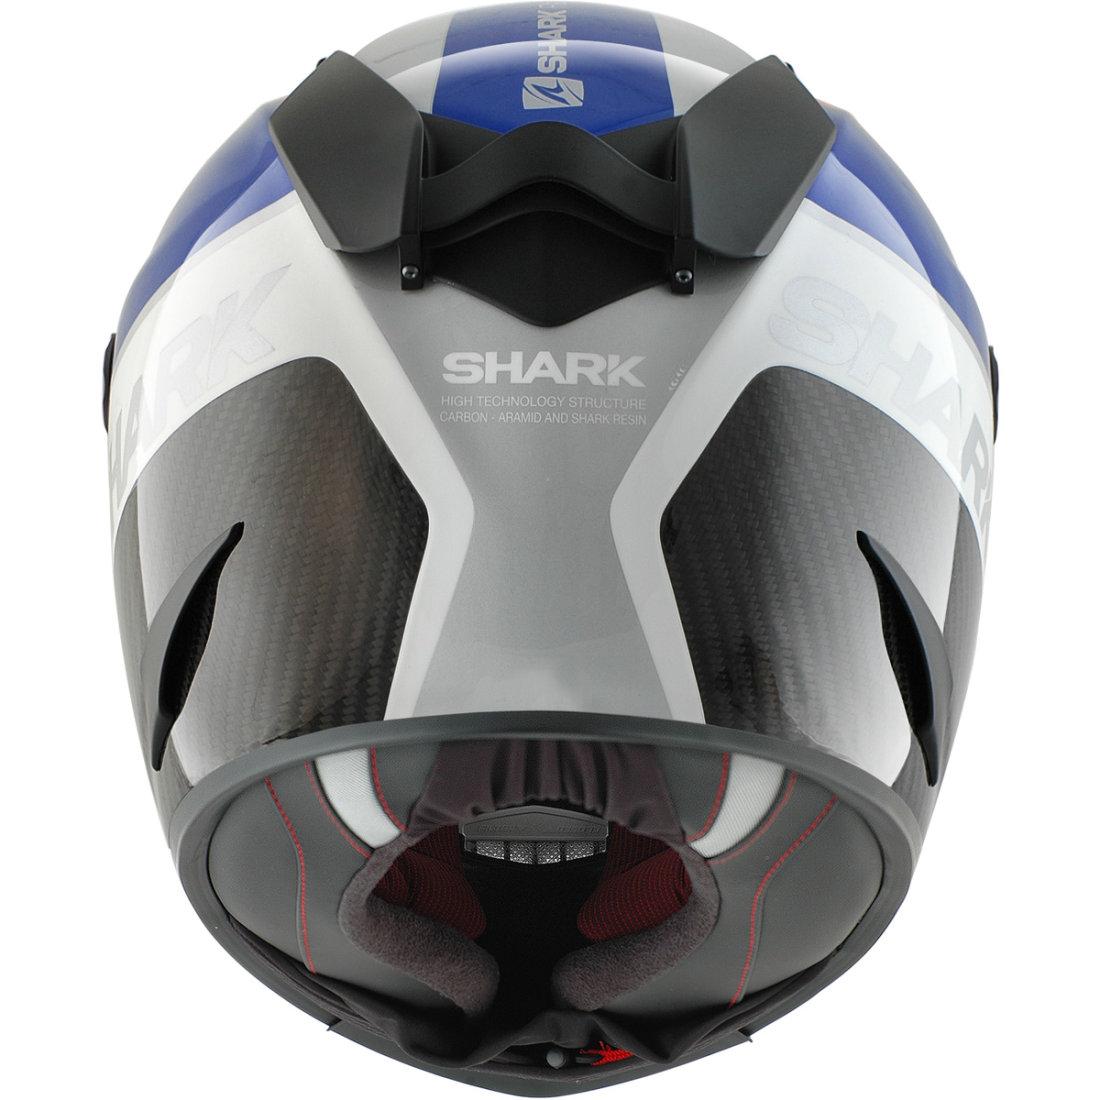 shark race r pro carbon racing division bl b r helmet motocard. Black Bedroom Furniture Sets. Home Design Ideas